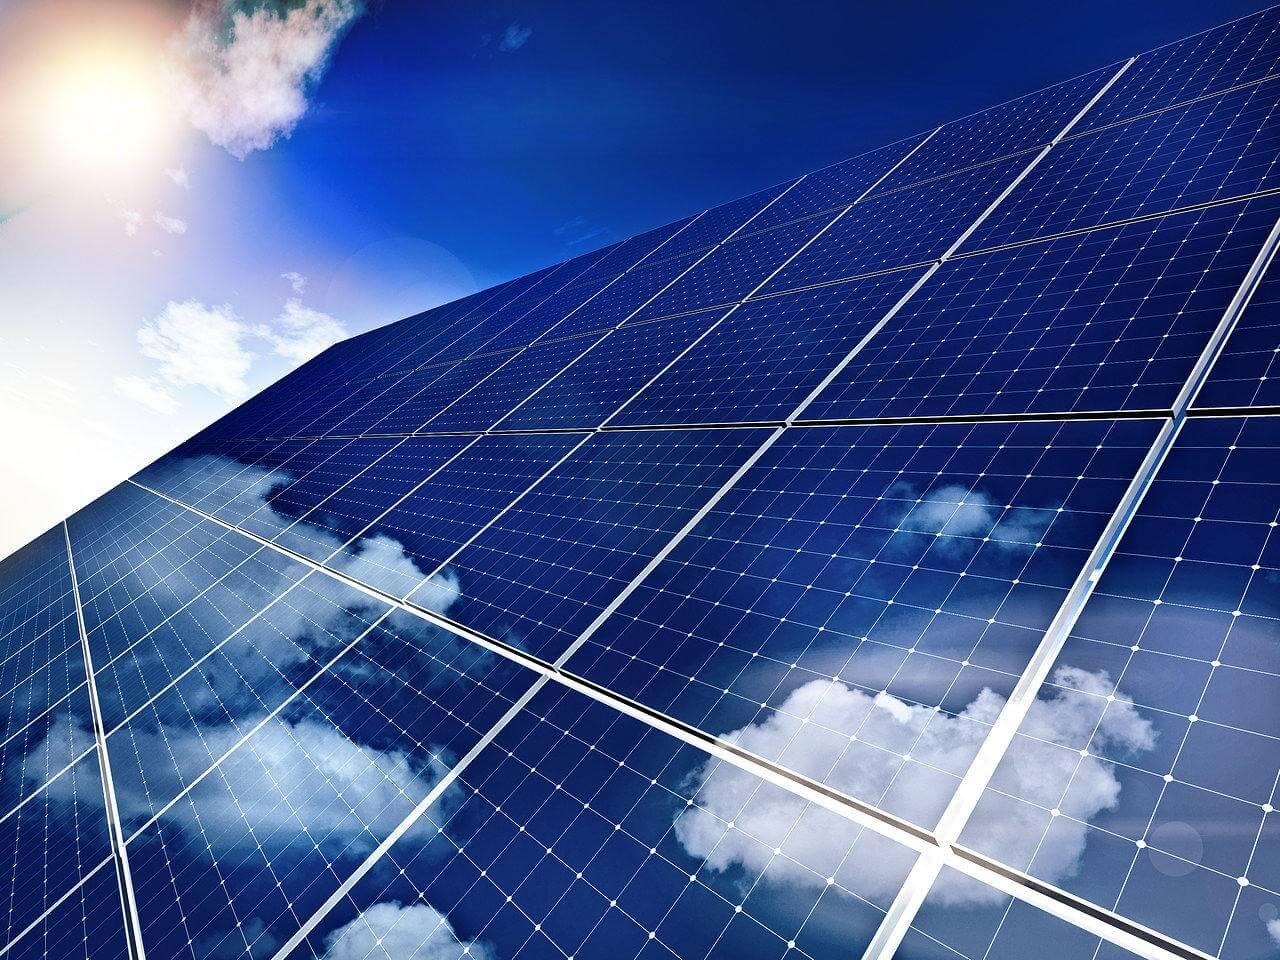 Évi 550 tonnával csökkentheti az üvegházgáz-kibocsátást Jászdózsa naperőműve